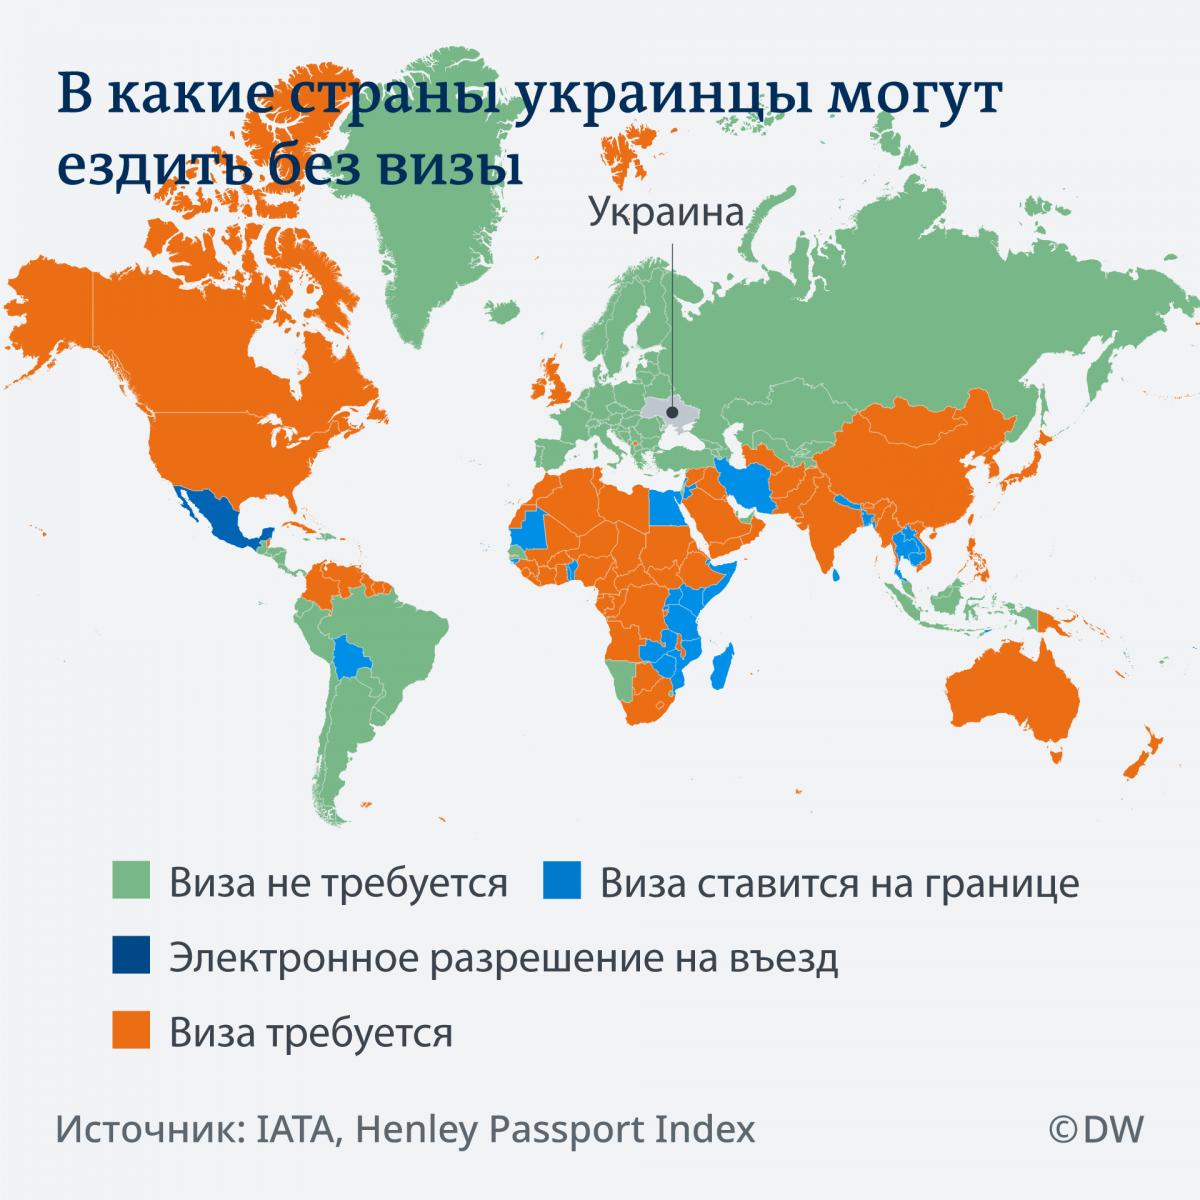 Безвизовые страны для Украины